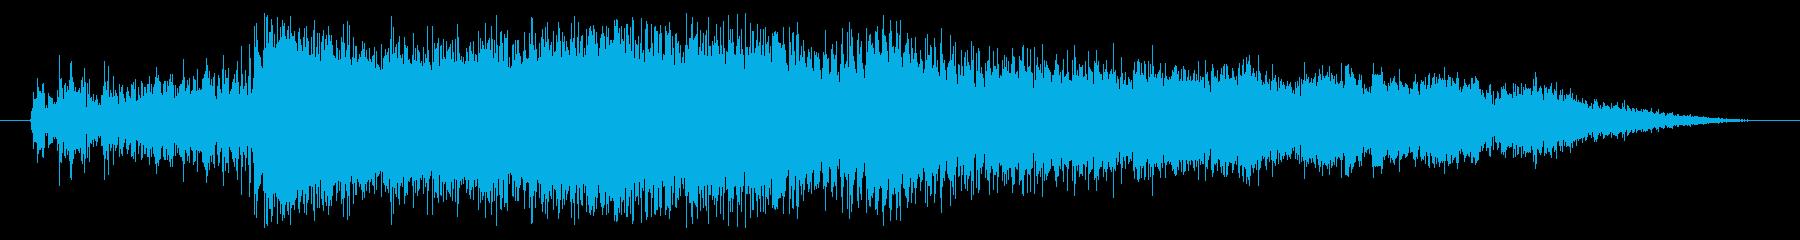 消火器:ロングバースト、フィズルアウトの再生済みの波形